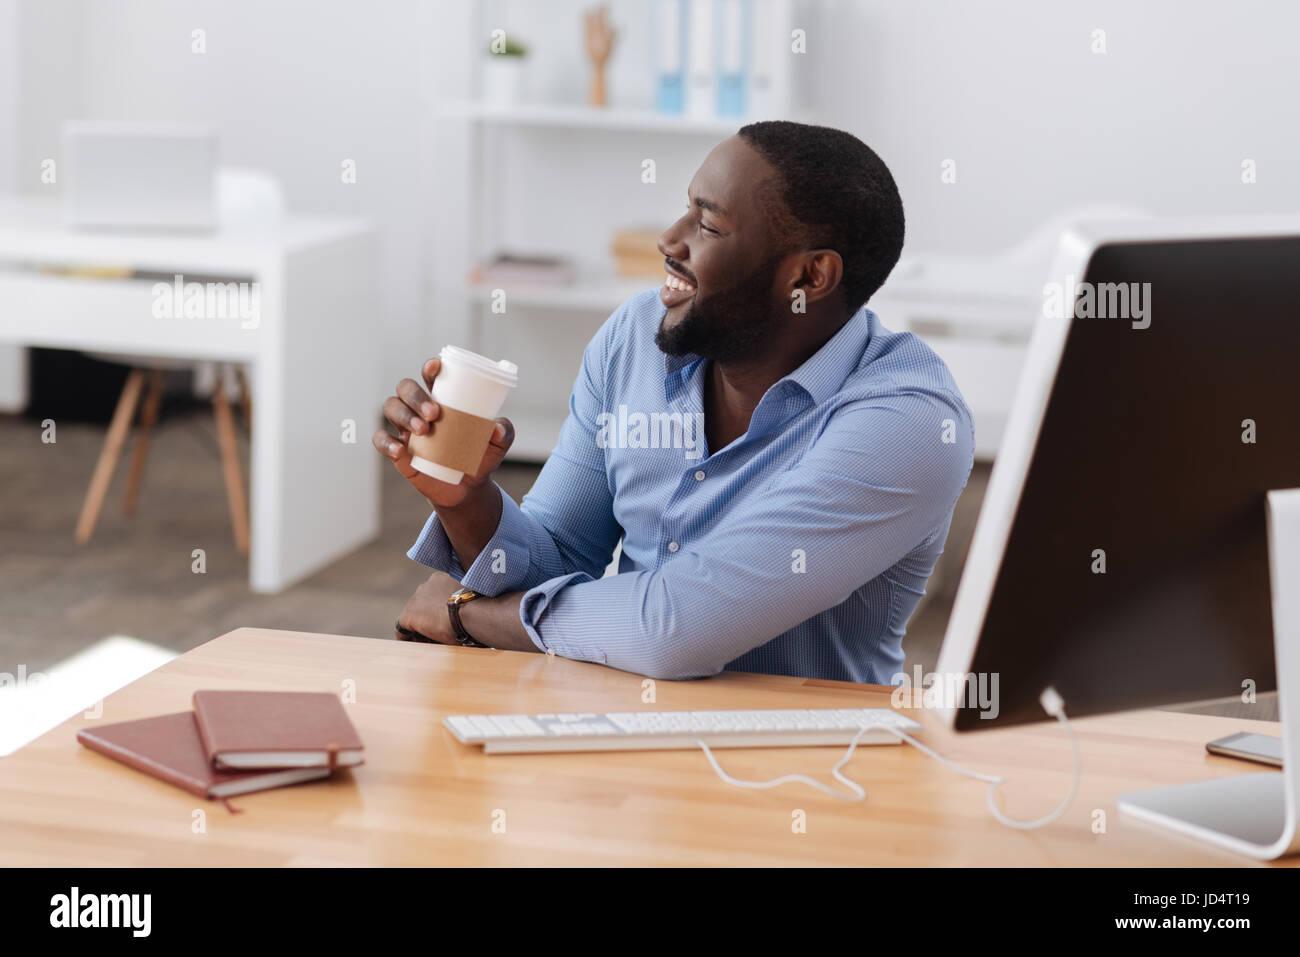 Heureux l'homme positif tenant une tasse de café Banque D'Images